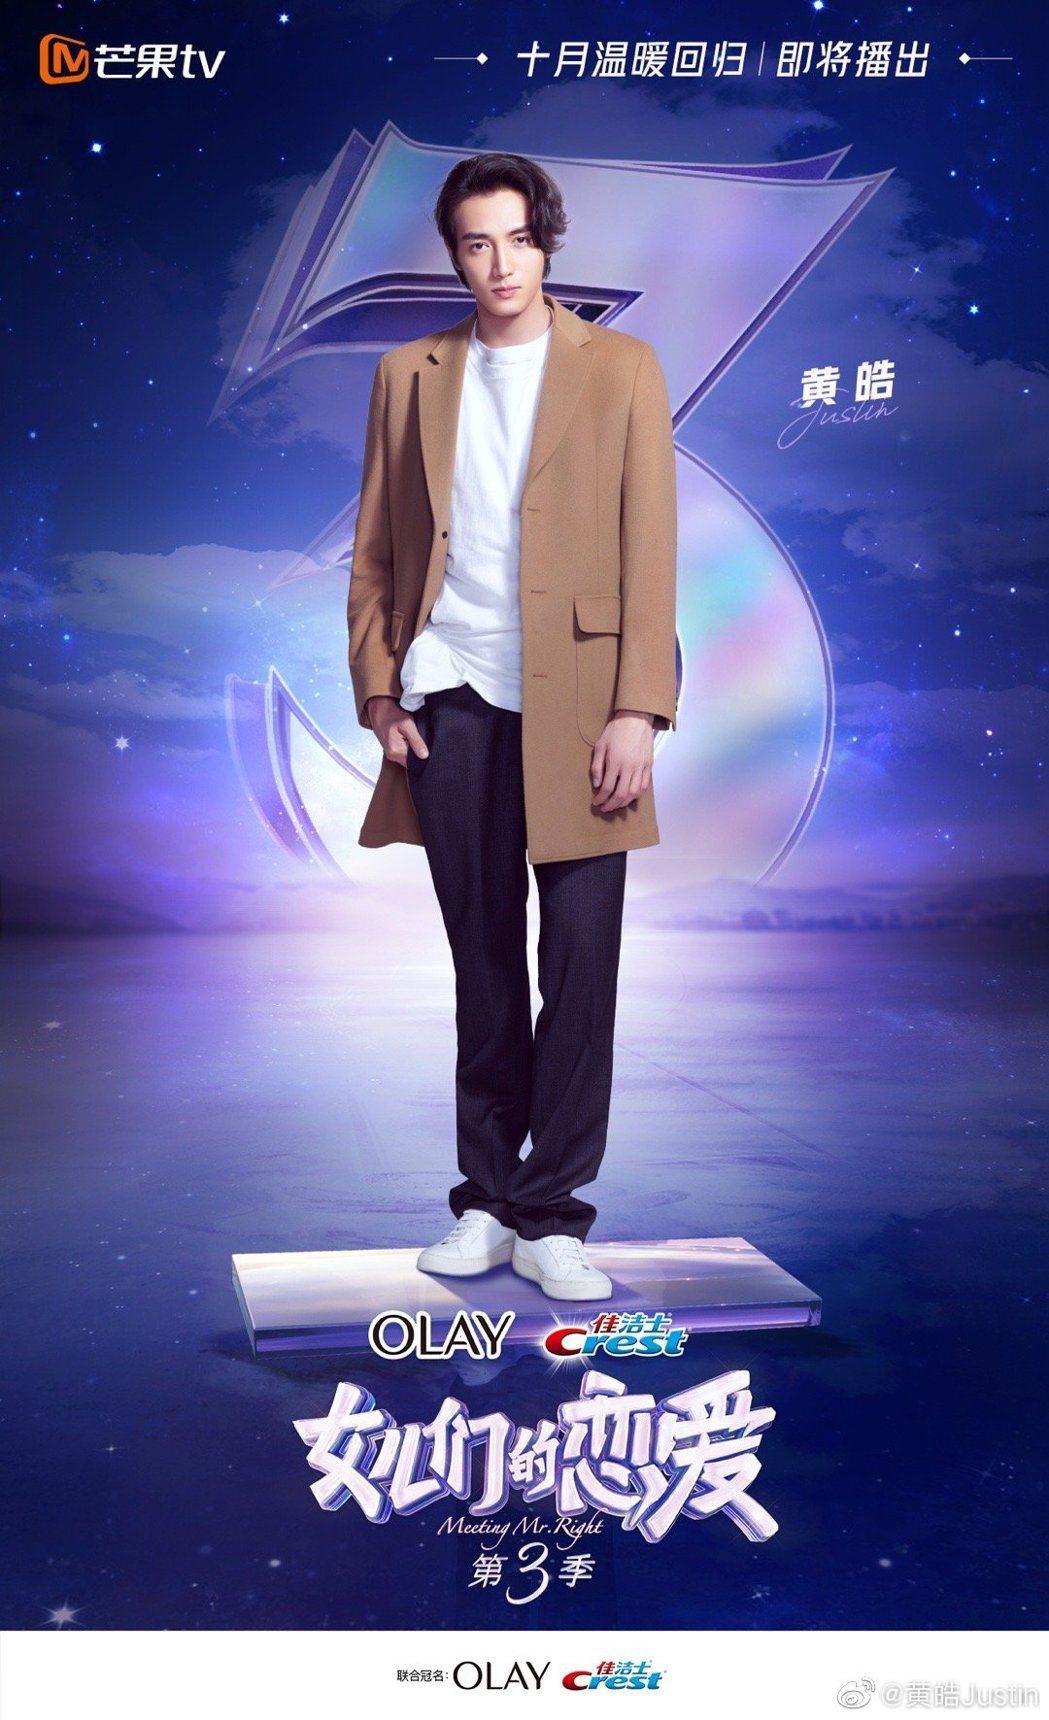 蕭亞軒與男友黃皓登上戀愛實境真人秀。 圖/擷自女兒們的戀愛微博